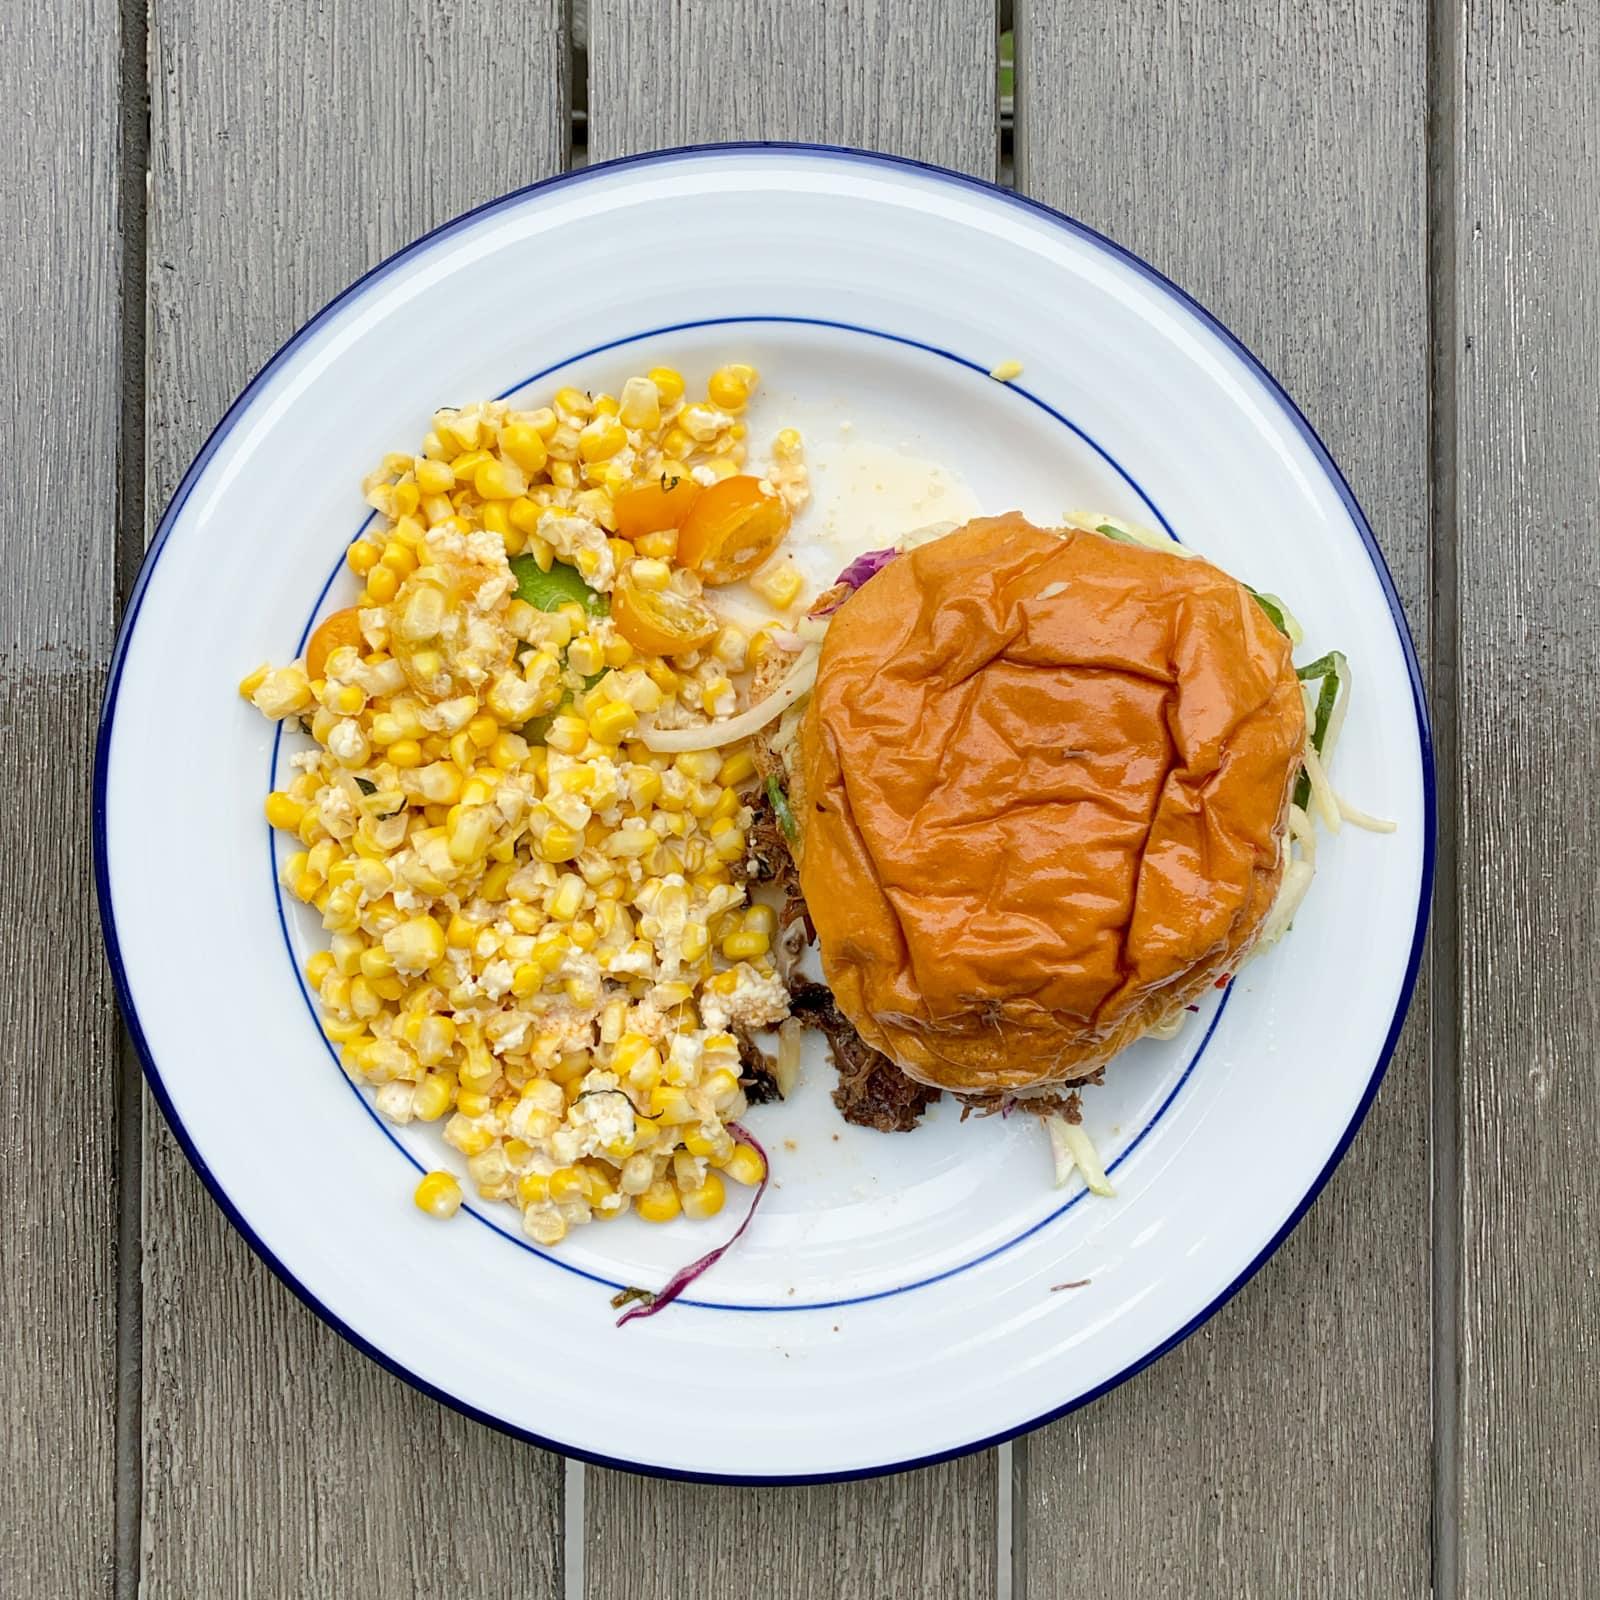 Oak smoked beef brisket sandwich with TX sweet corn from Loro